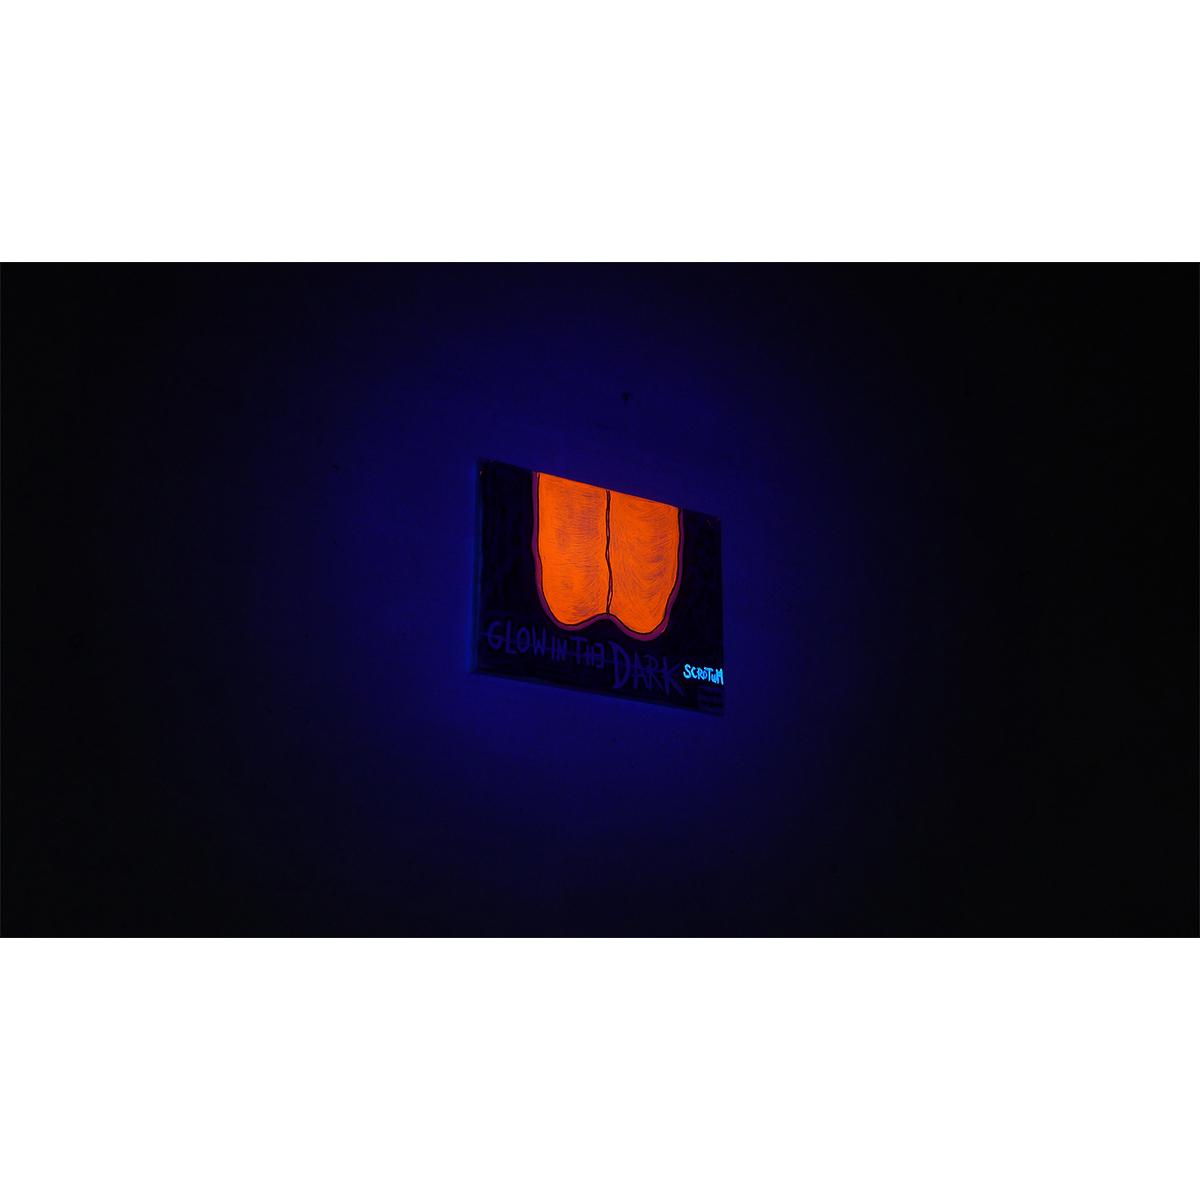 GLOW IN THE DARK SCROTUM (dark) 01 - Frank Willems